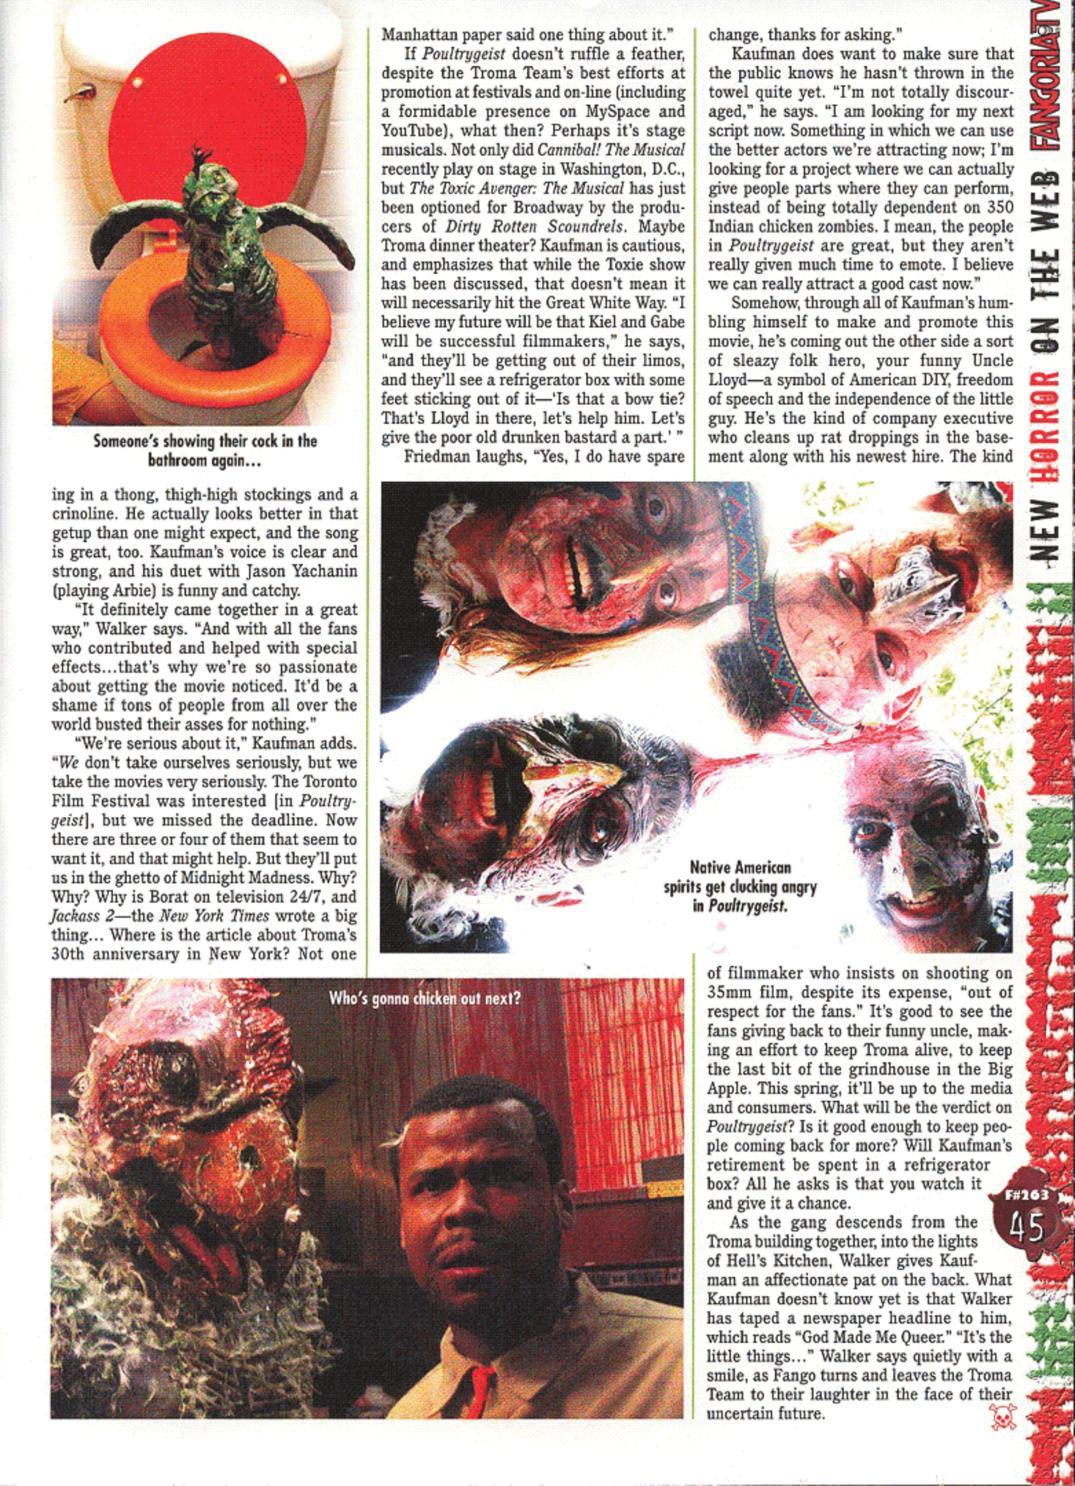 fango-p45-page-001